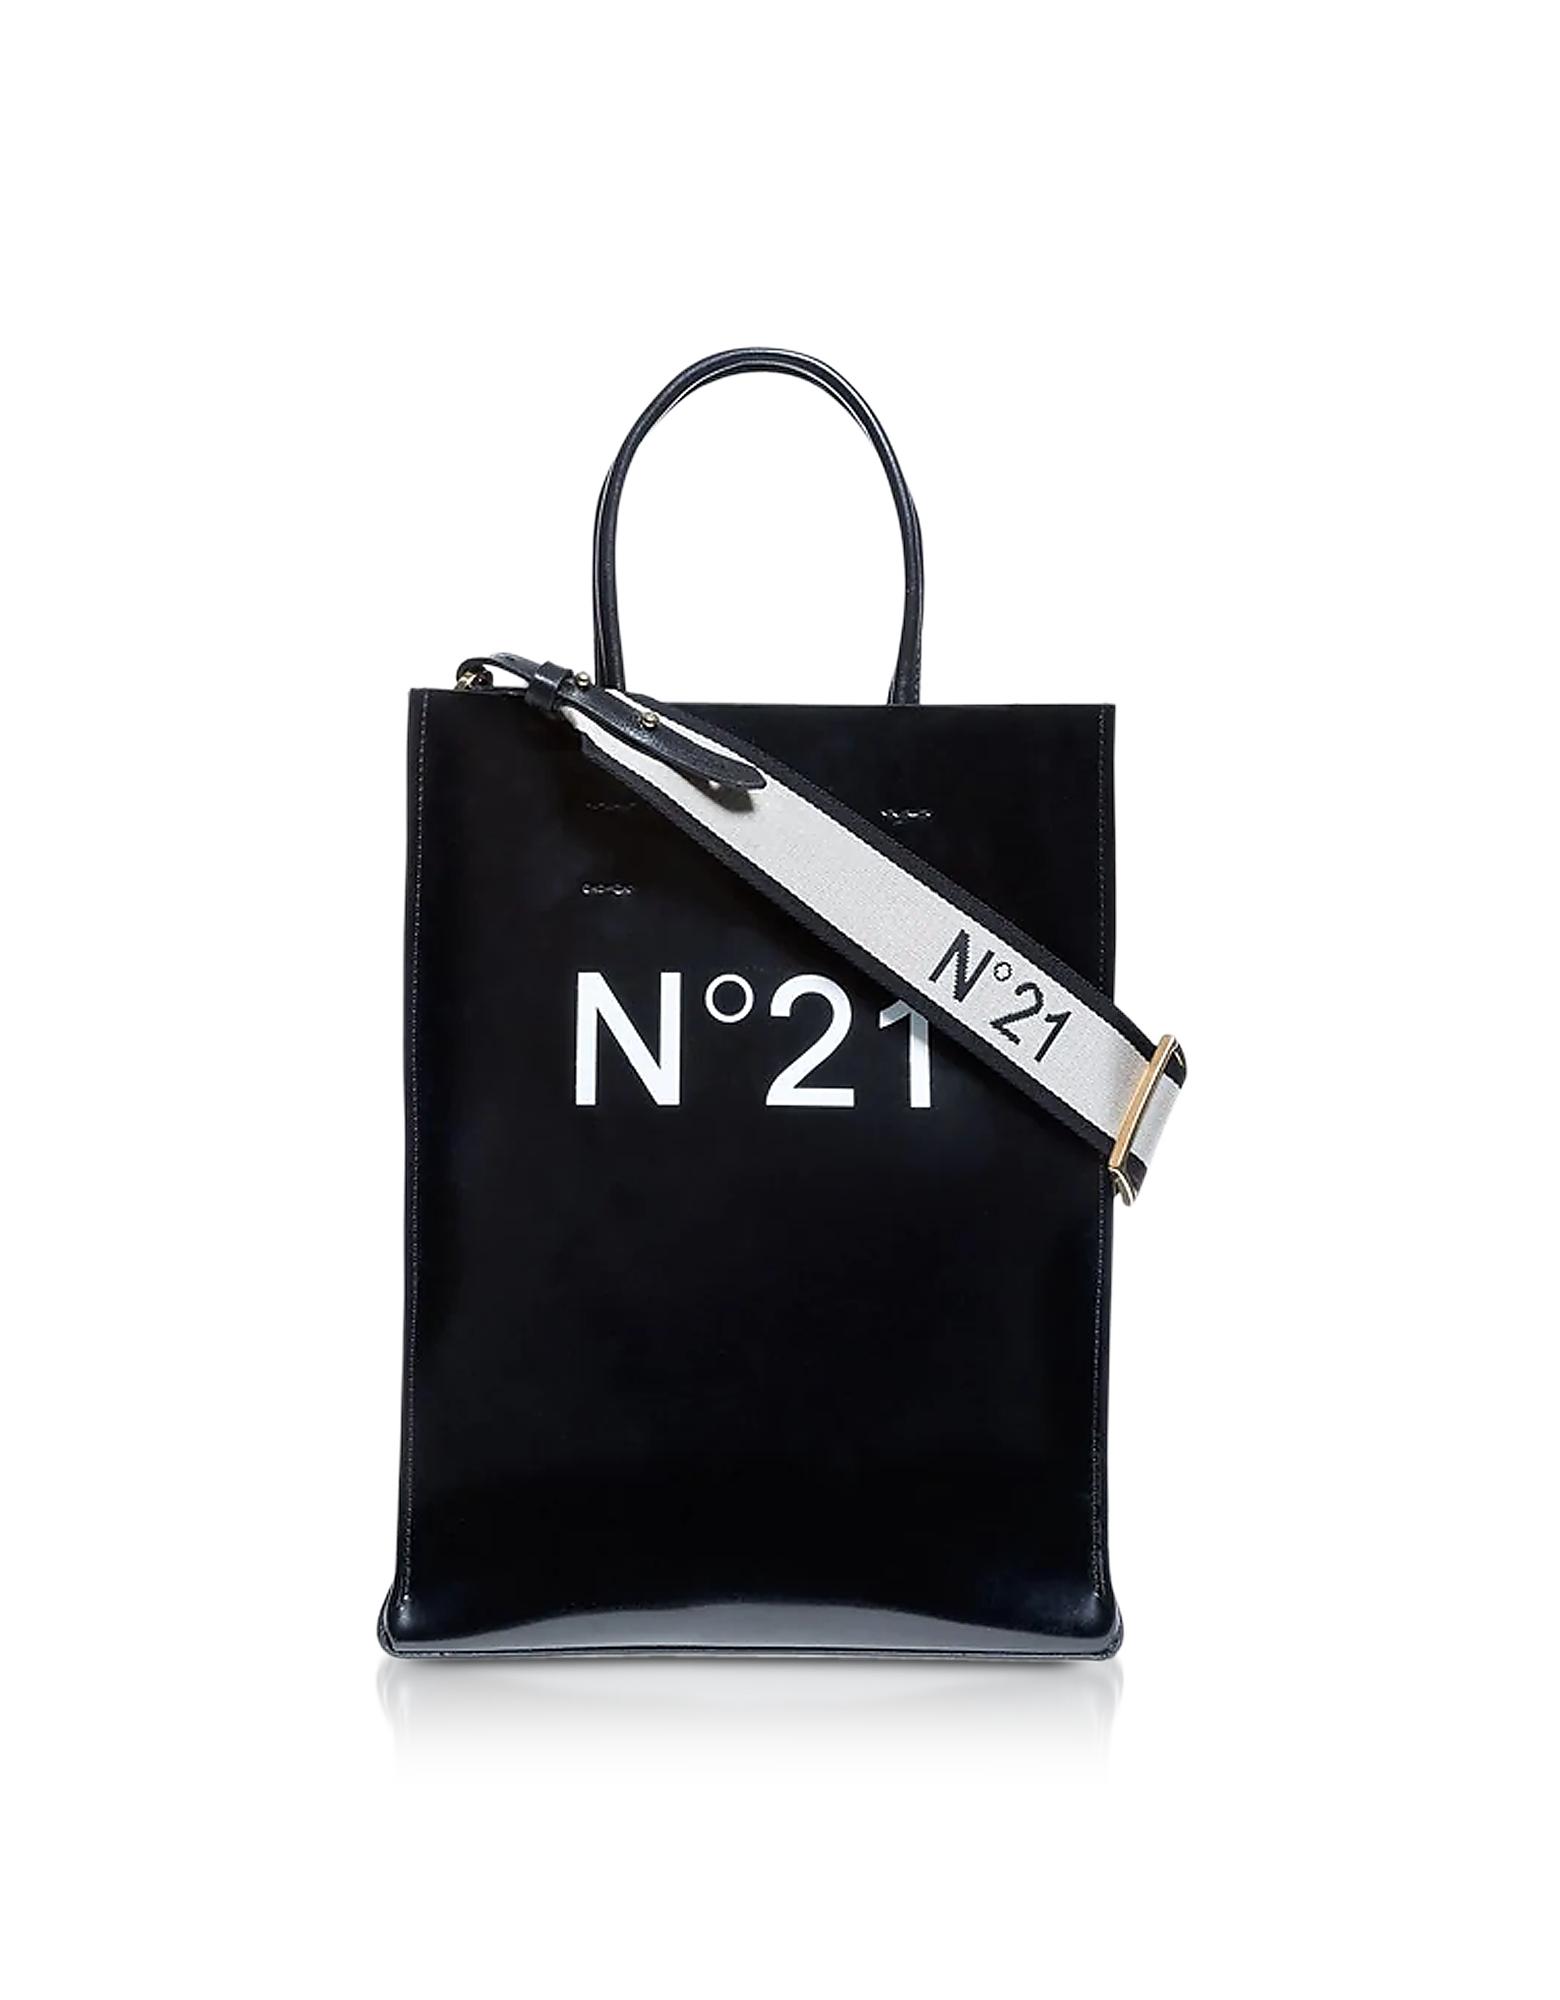 Black Signature Small Tote Bag